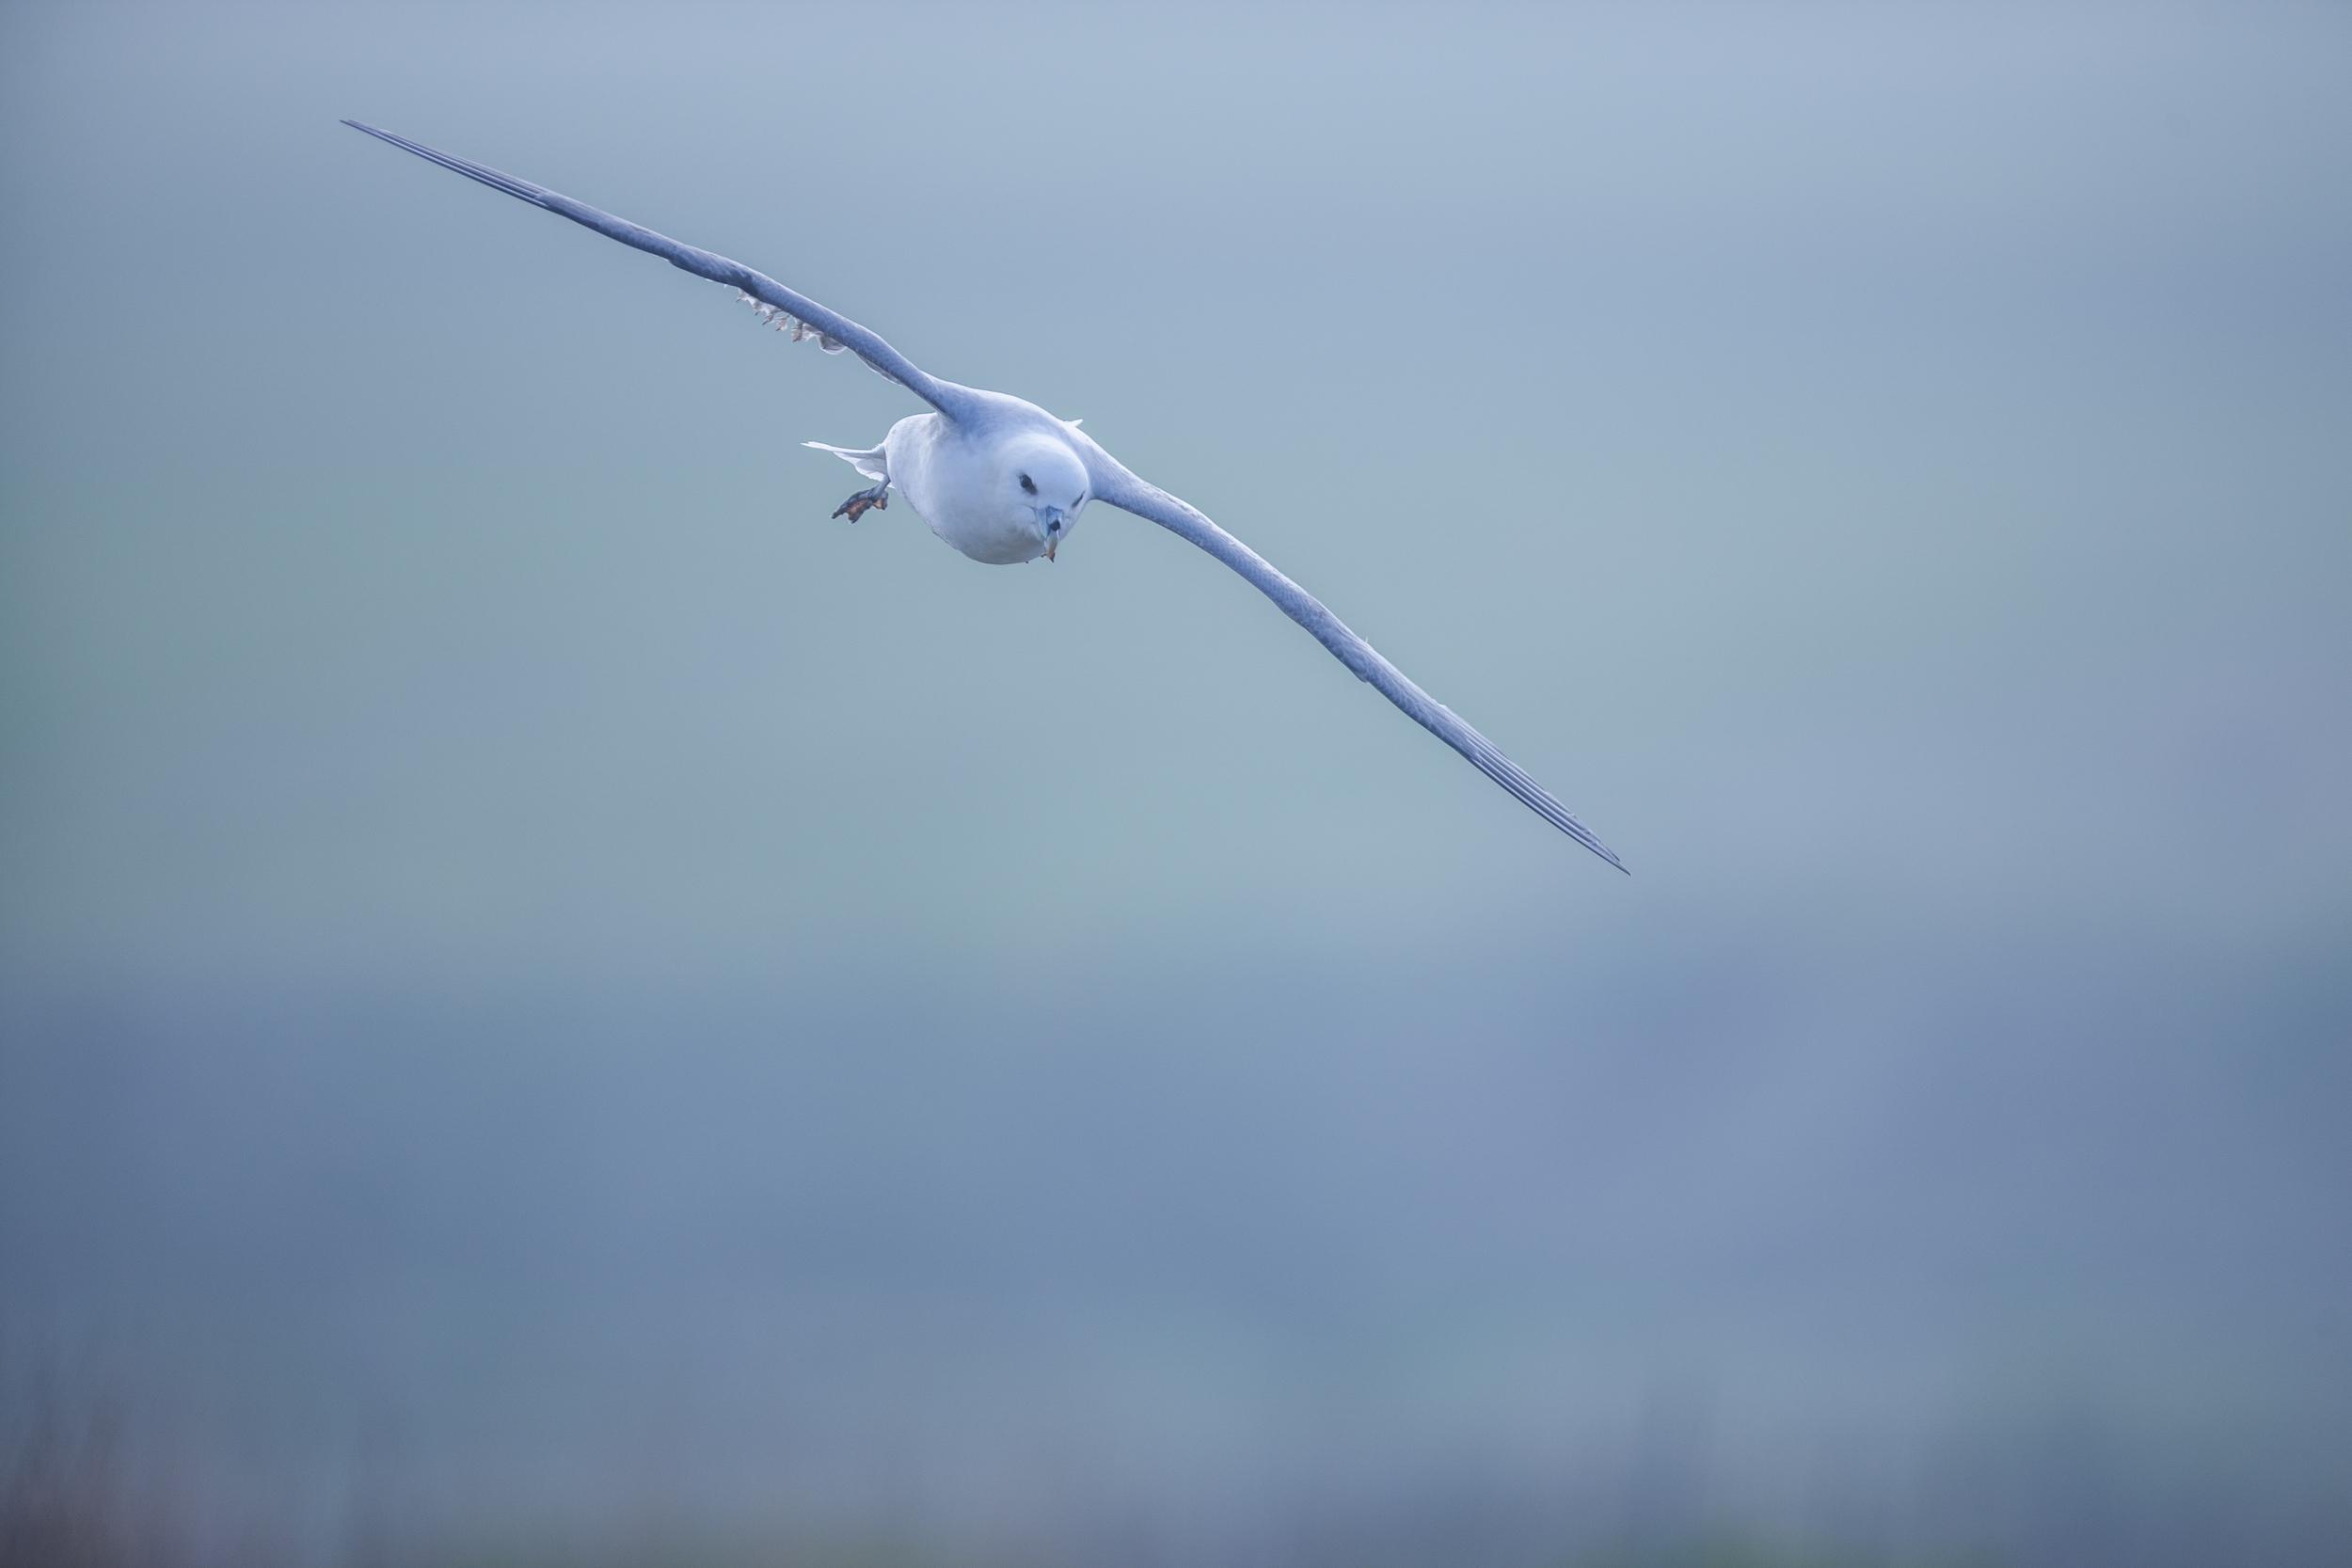 Fulmar boréal en vol - Normandie sauvage